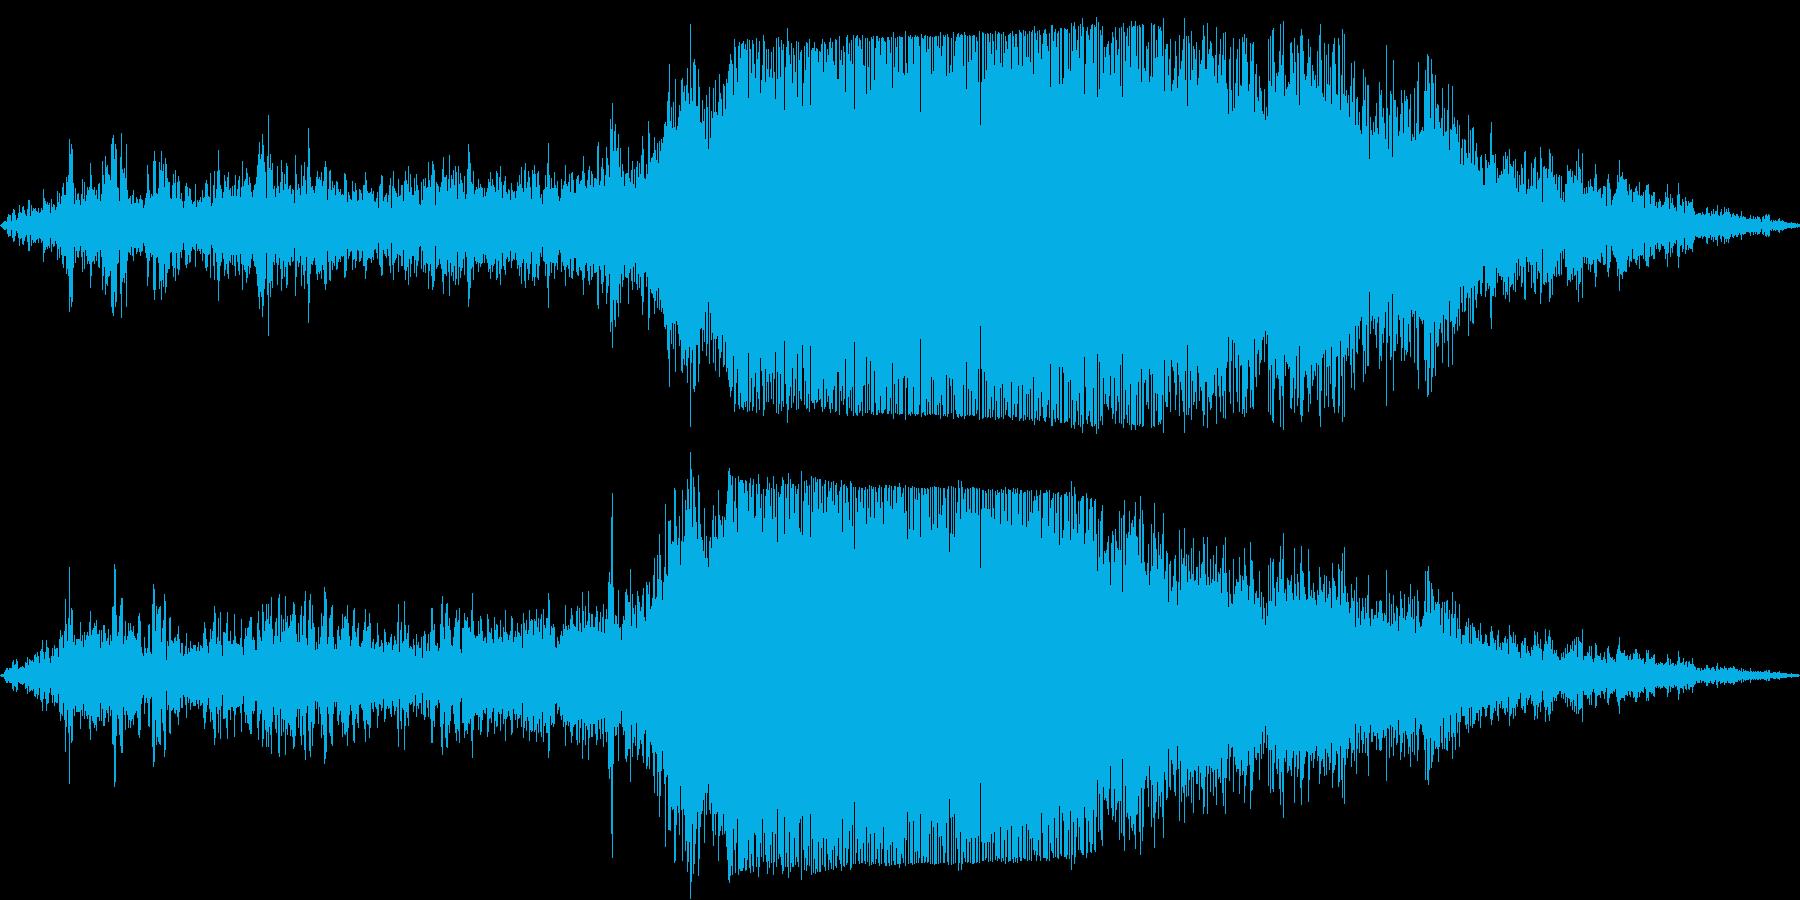 プロペラ機が滑走路から離陸の再生済みの波形